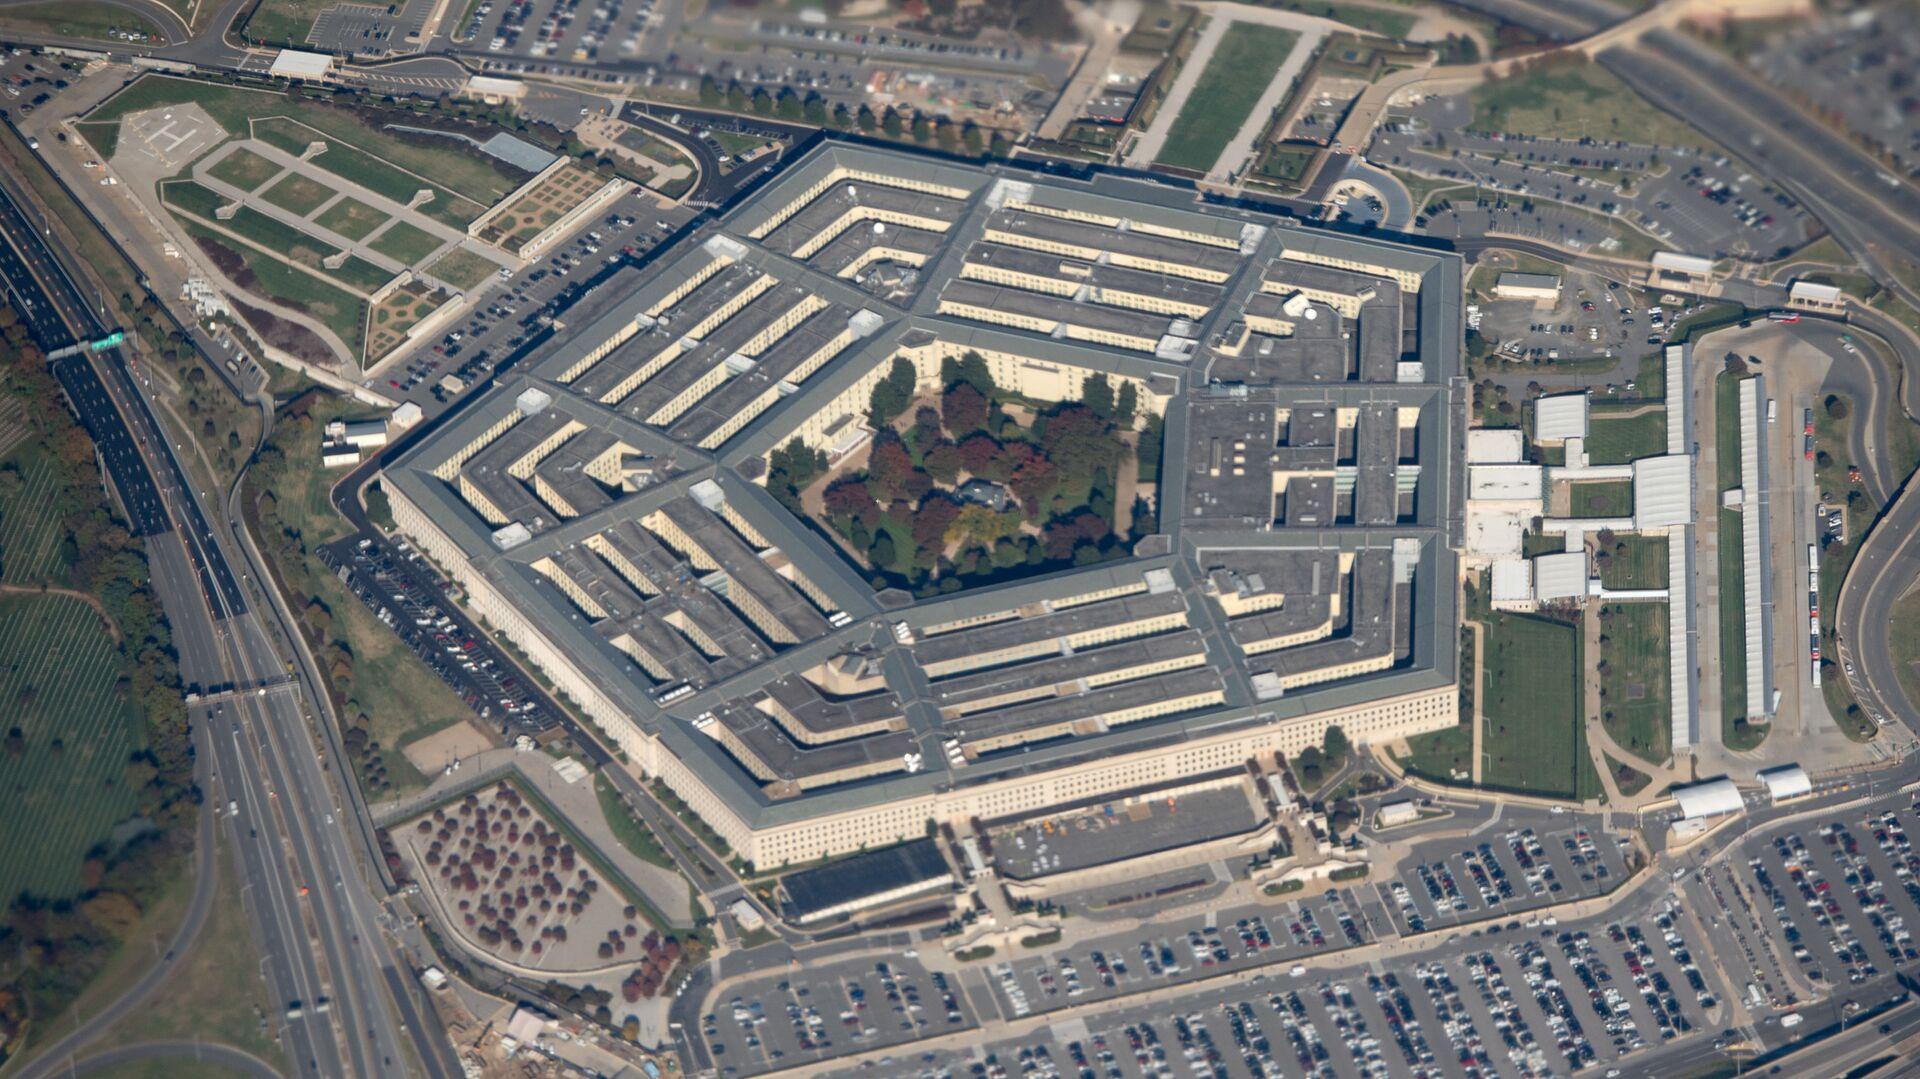 Pohled na budovu Pentagonu ve Washingtonu, USA - Sputnik Česká republika, 1920, 03.08.2021